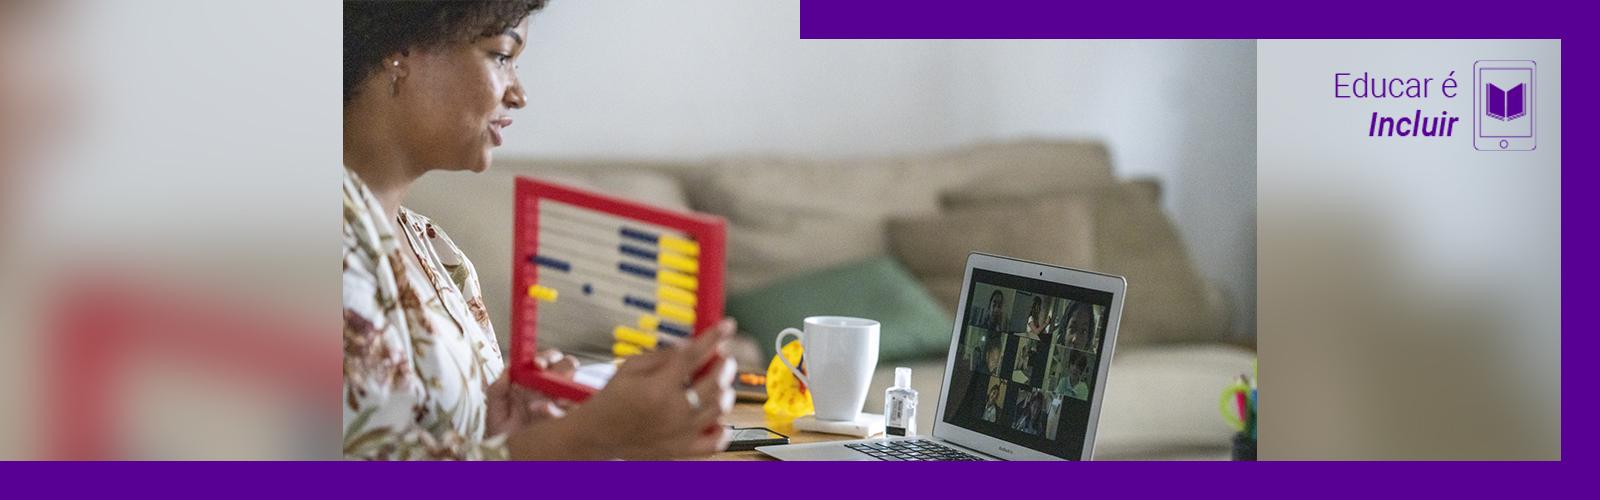 A imagem mostra uma mulher na sala de sua casa, sentada em frente a uma mesa onde está um computador, um ábaco e uma xícara de porcelana. Ela está olhando para tela e interagindo com um grupo de pessoas em uma videoconferência